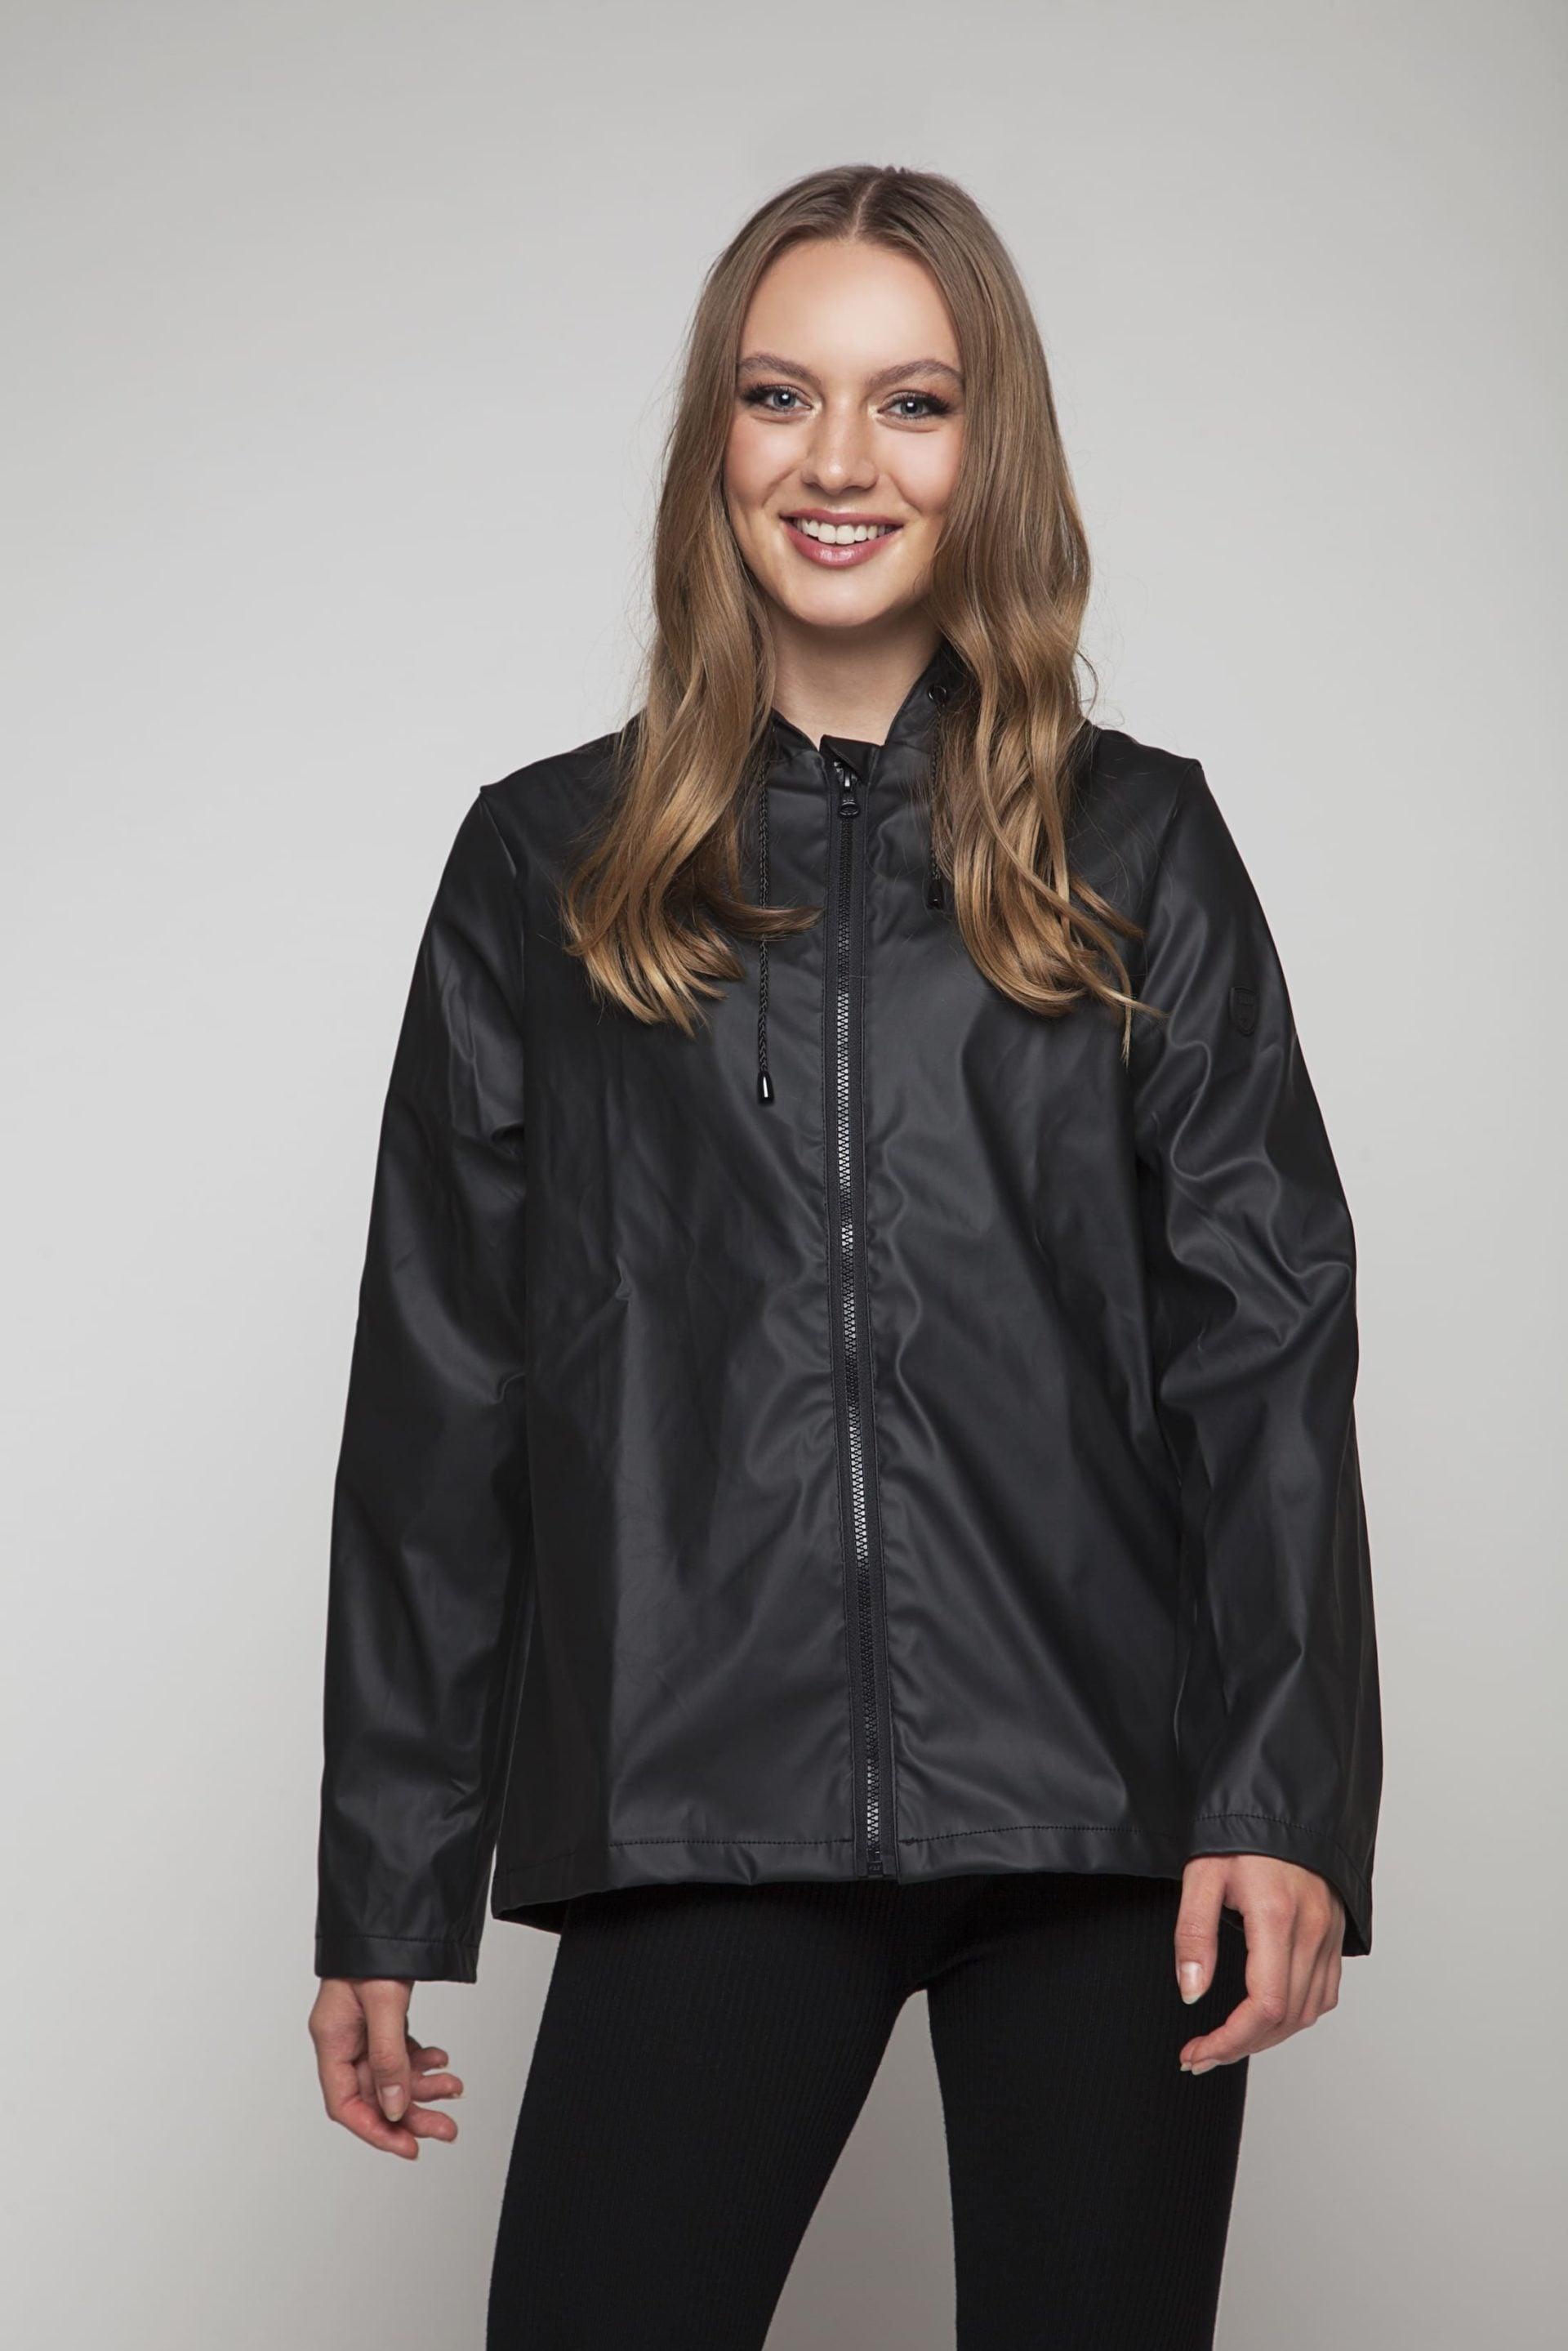 Short rainjacket